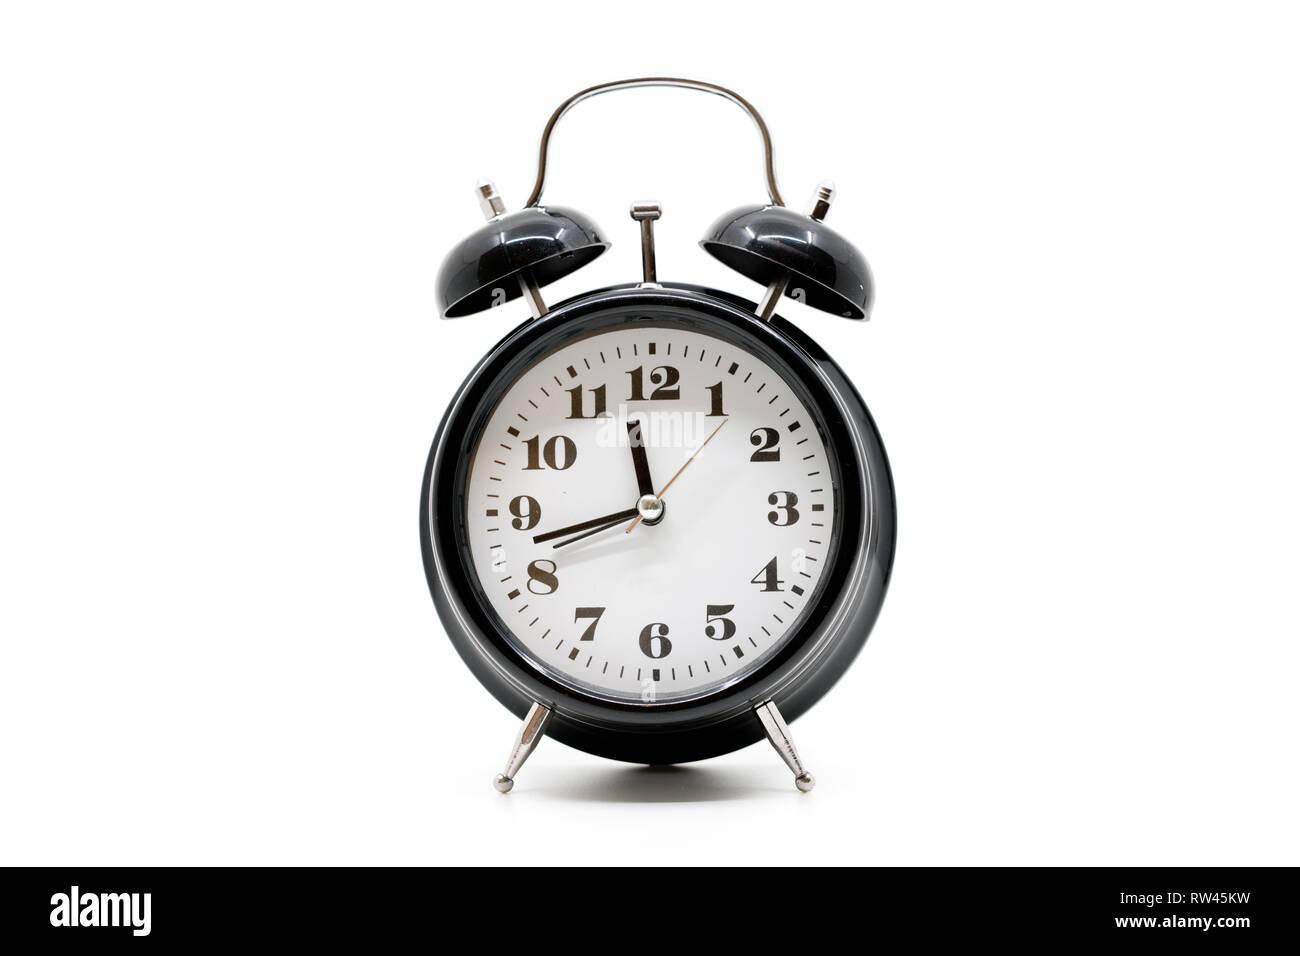 Black alarm clock on white background - Stock Image